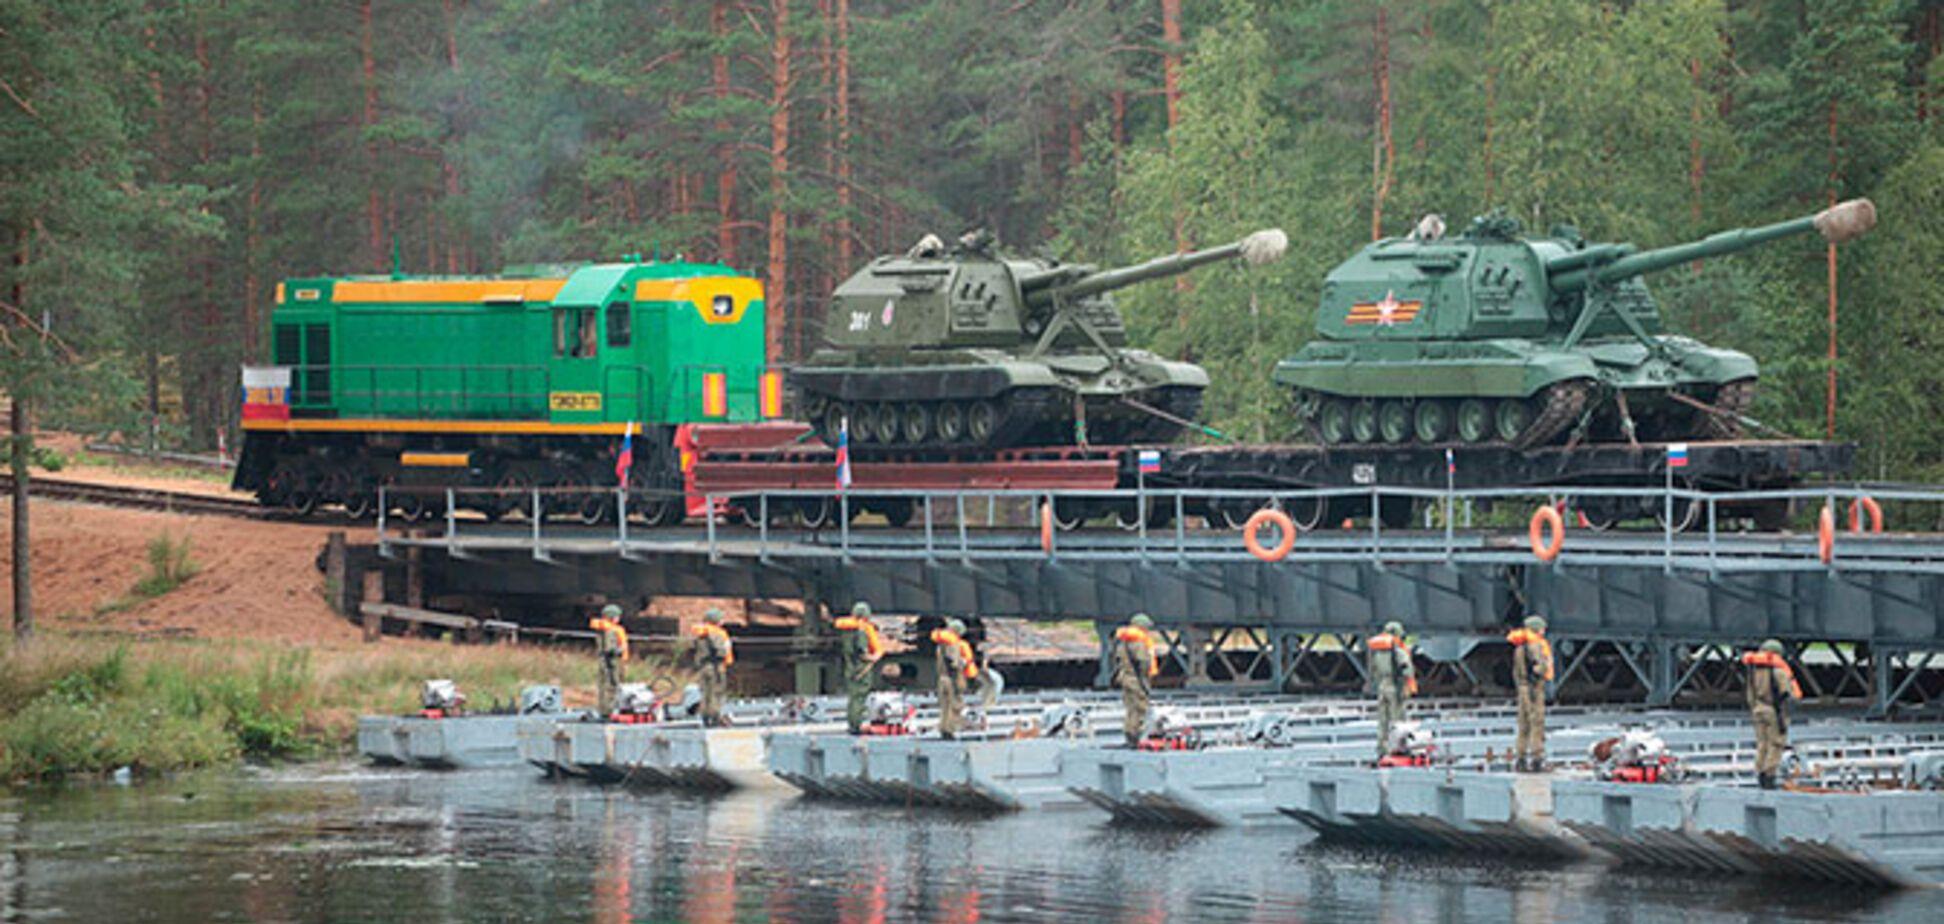 Учения Путина: ветеран АТО оценил угрозу вторжения России из Беларуси